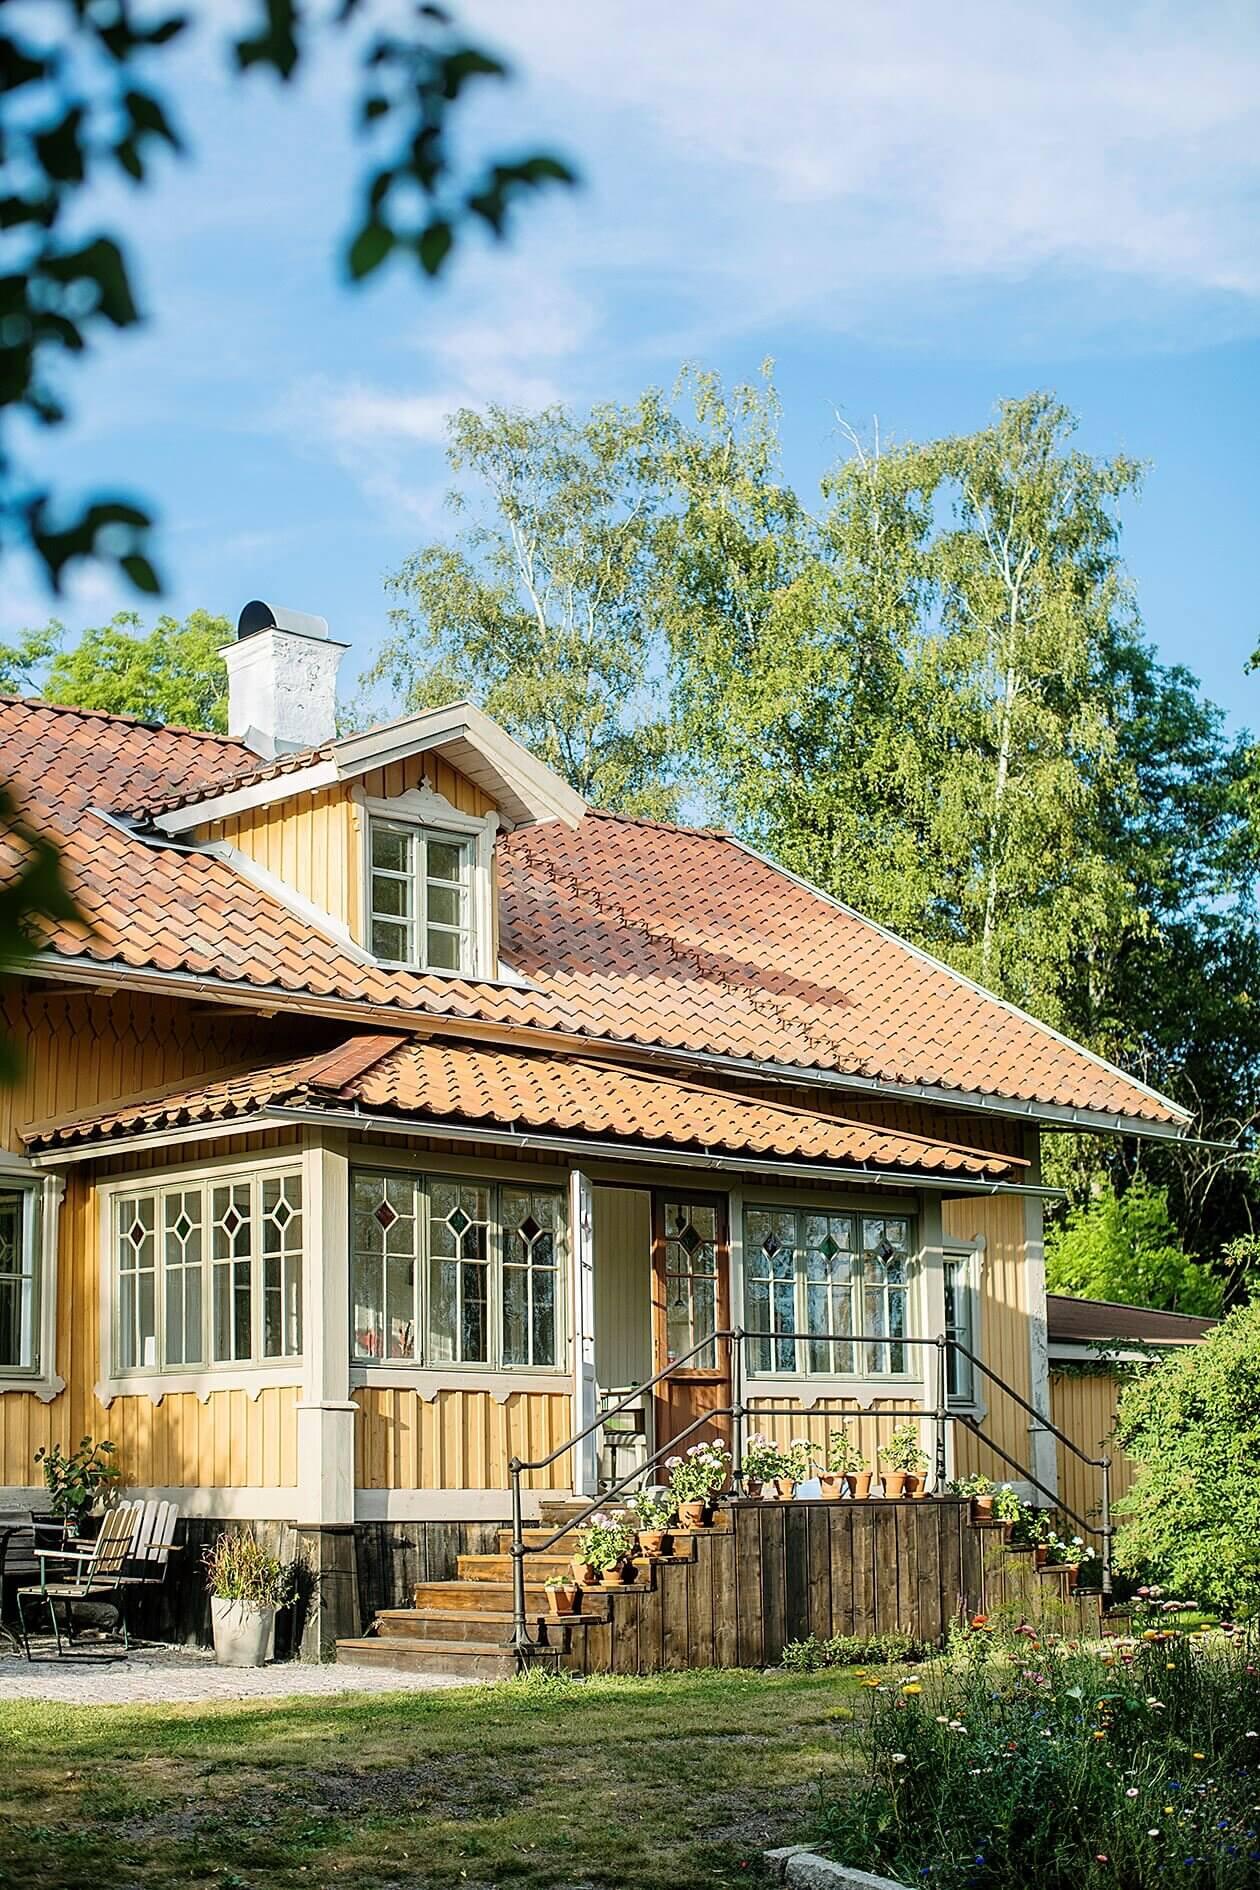 An Idyllic Farmhouse In The Swedish Countryside